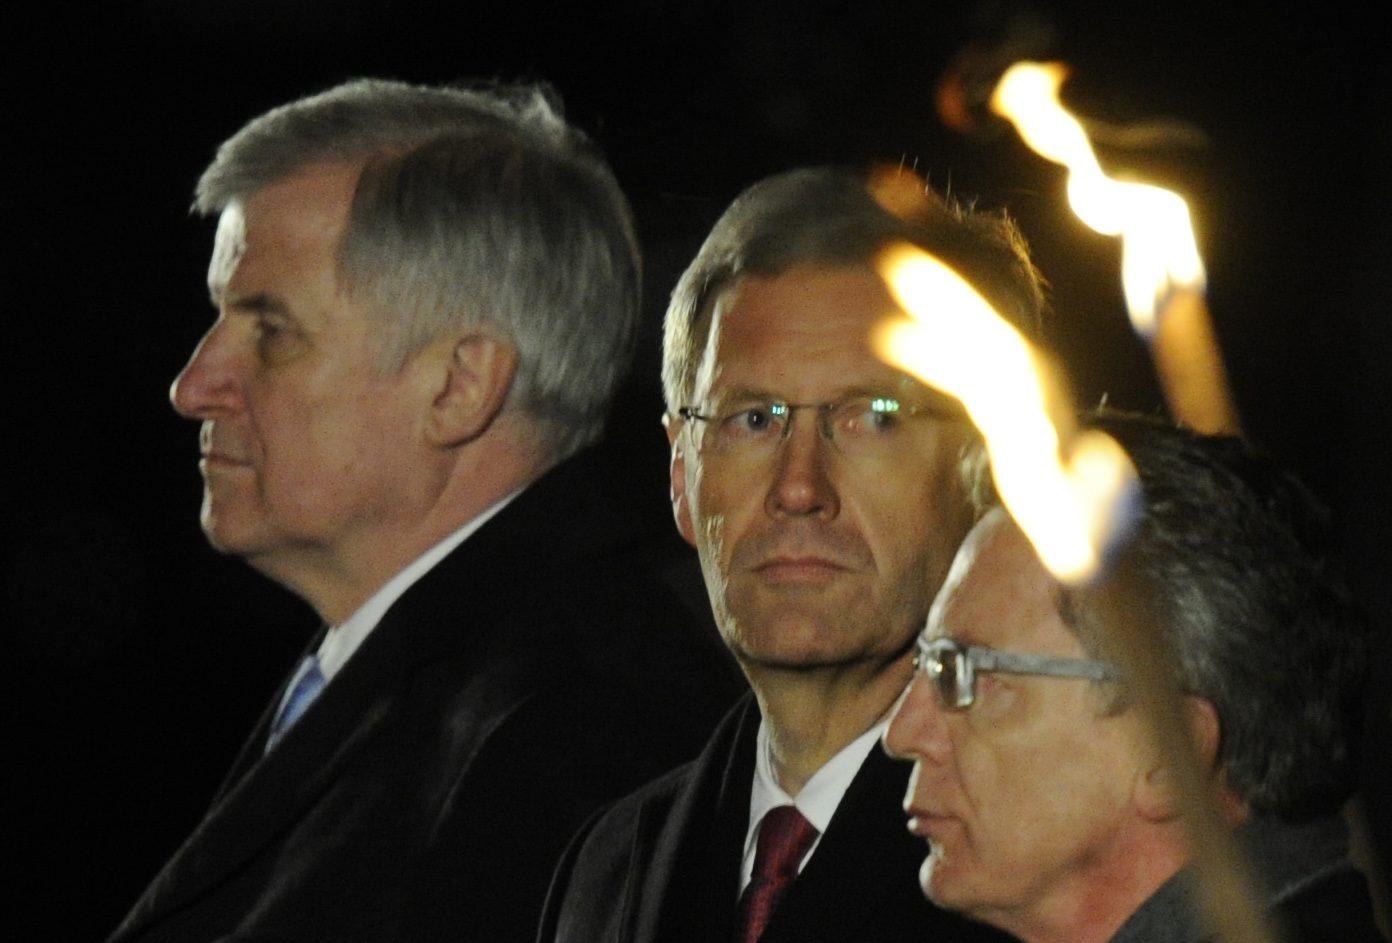 Casi la mitad de los invitados rechazan acudir a la despedida del expresidente alemán Wulff